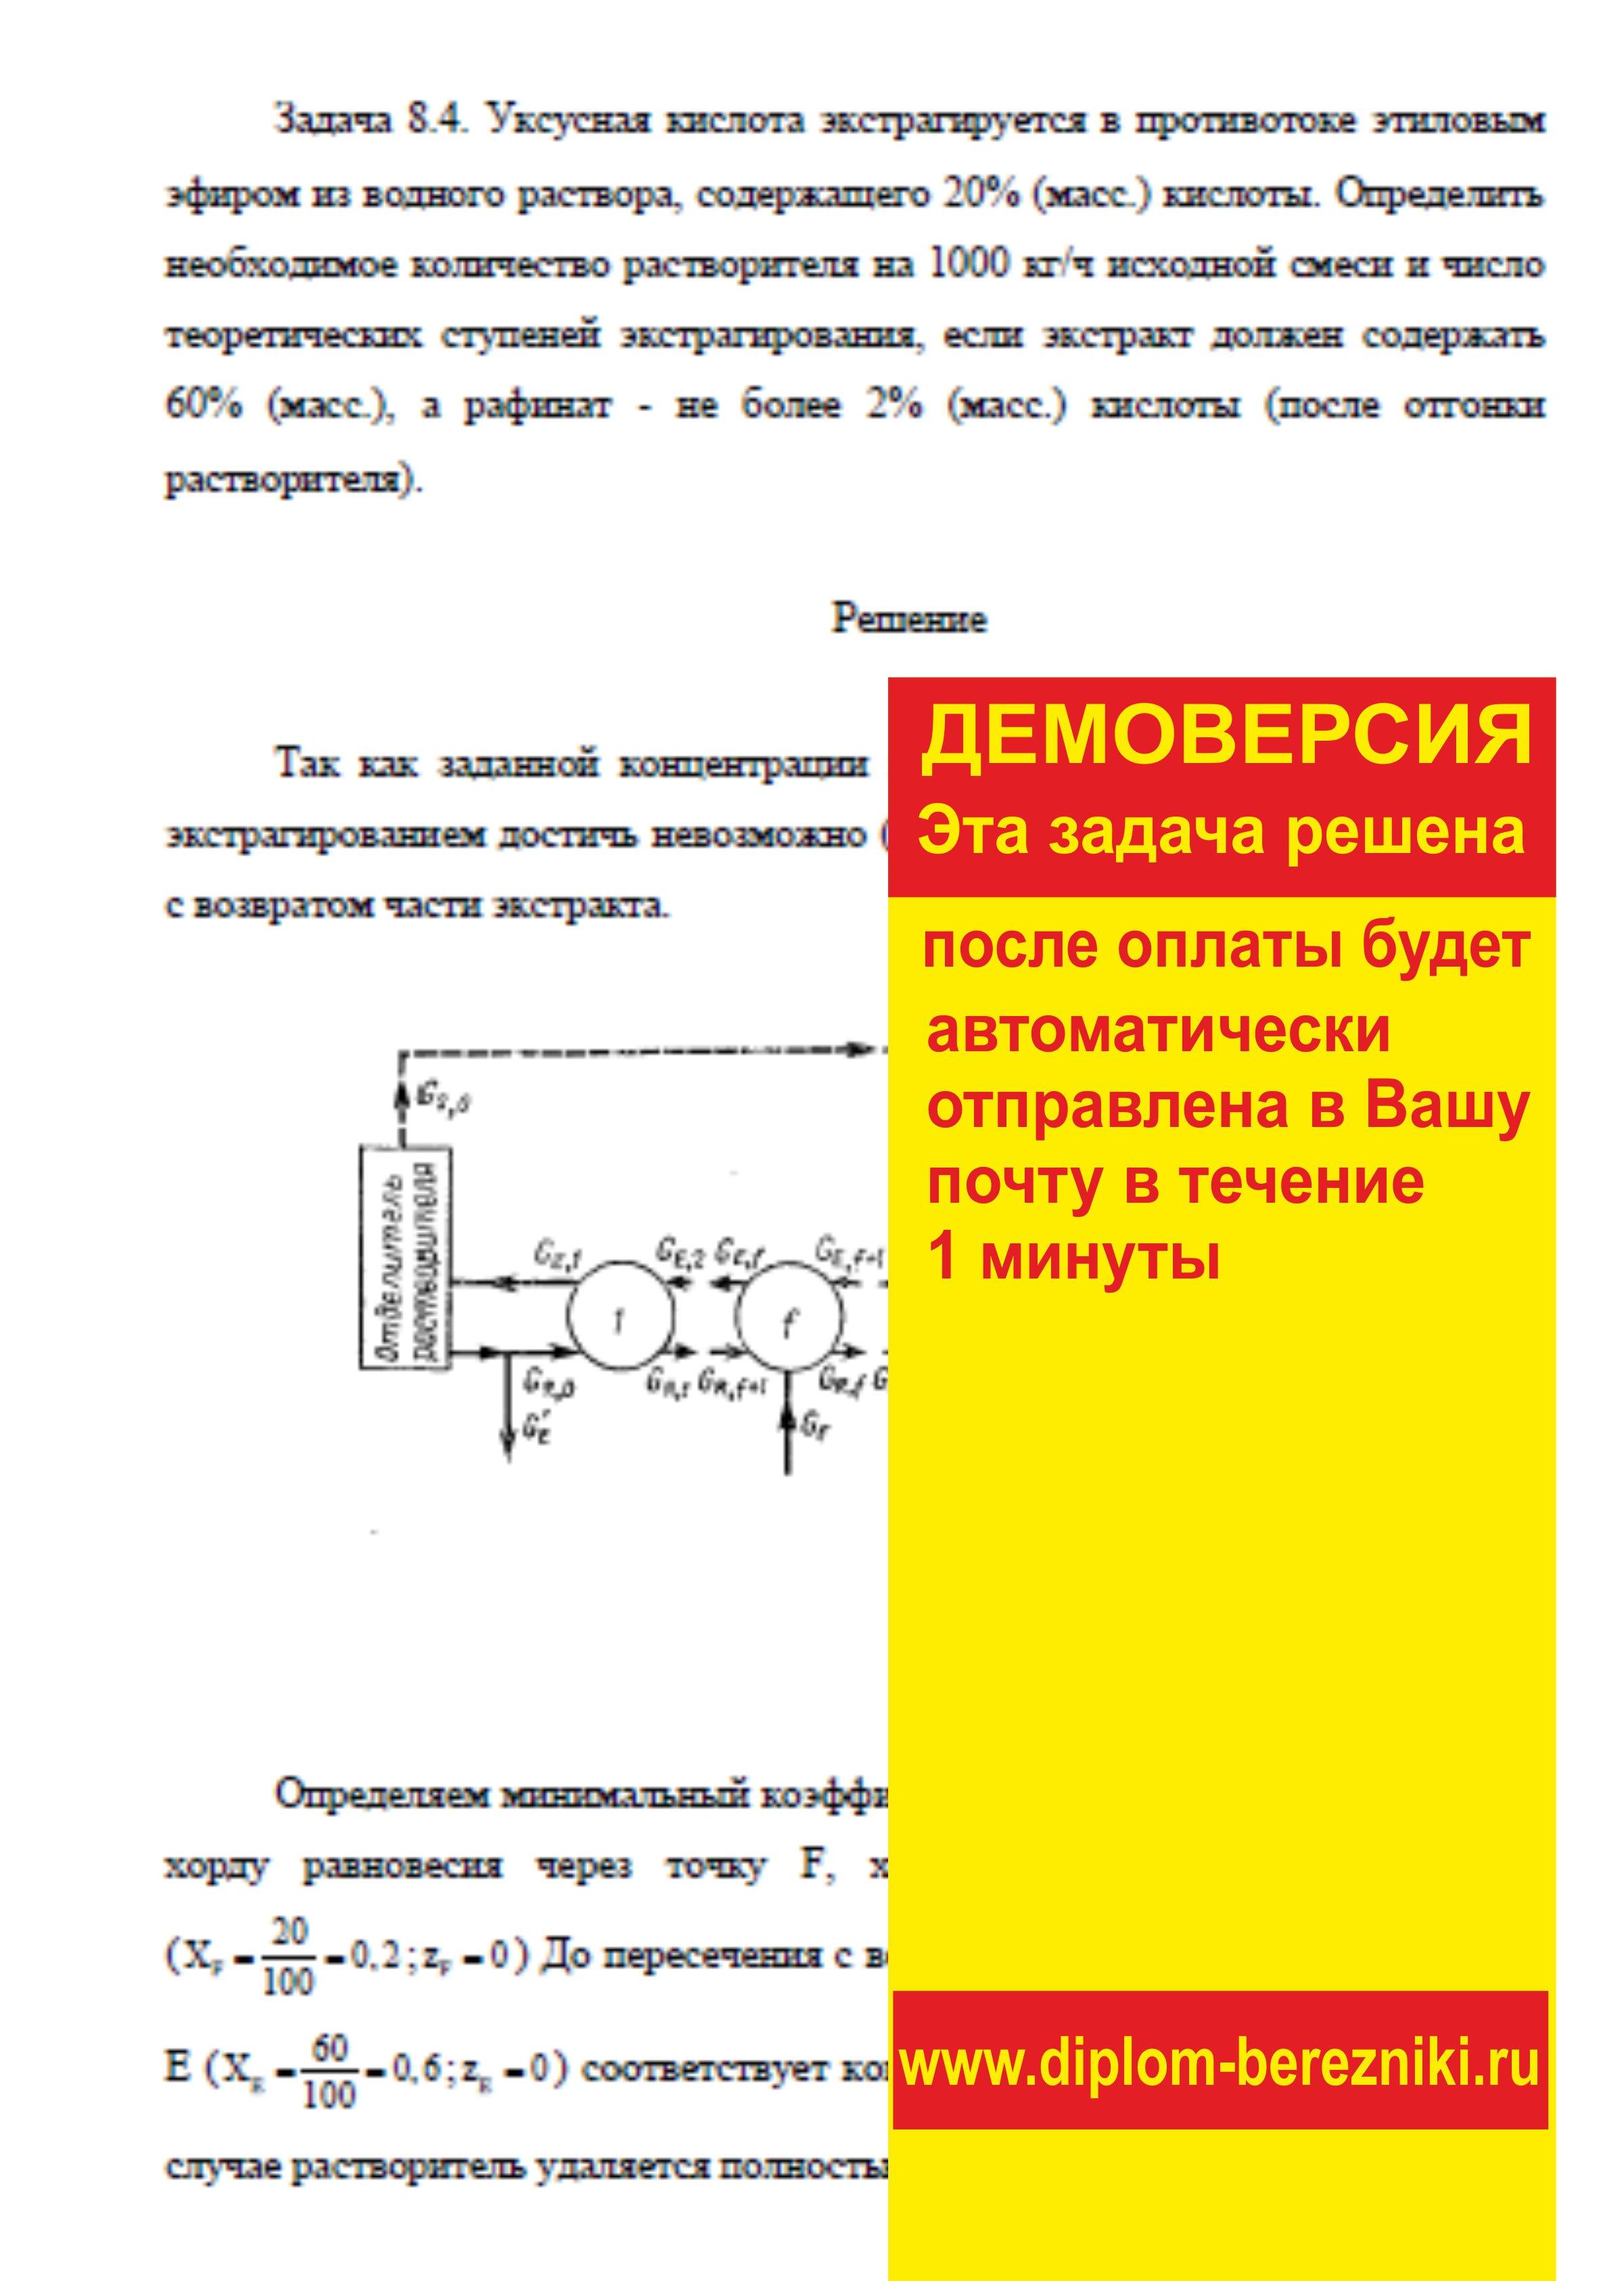 Решение задачи 8.4 по ПАХТ из задачника Павлова Романкова Носкова